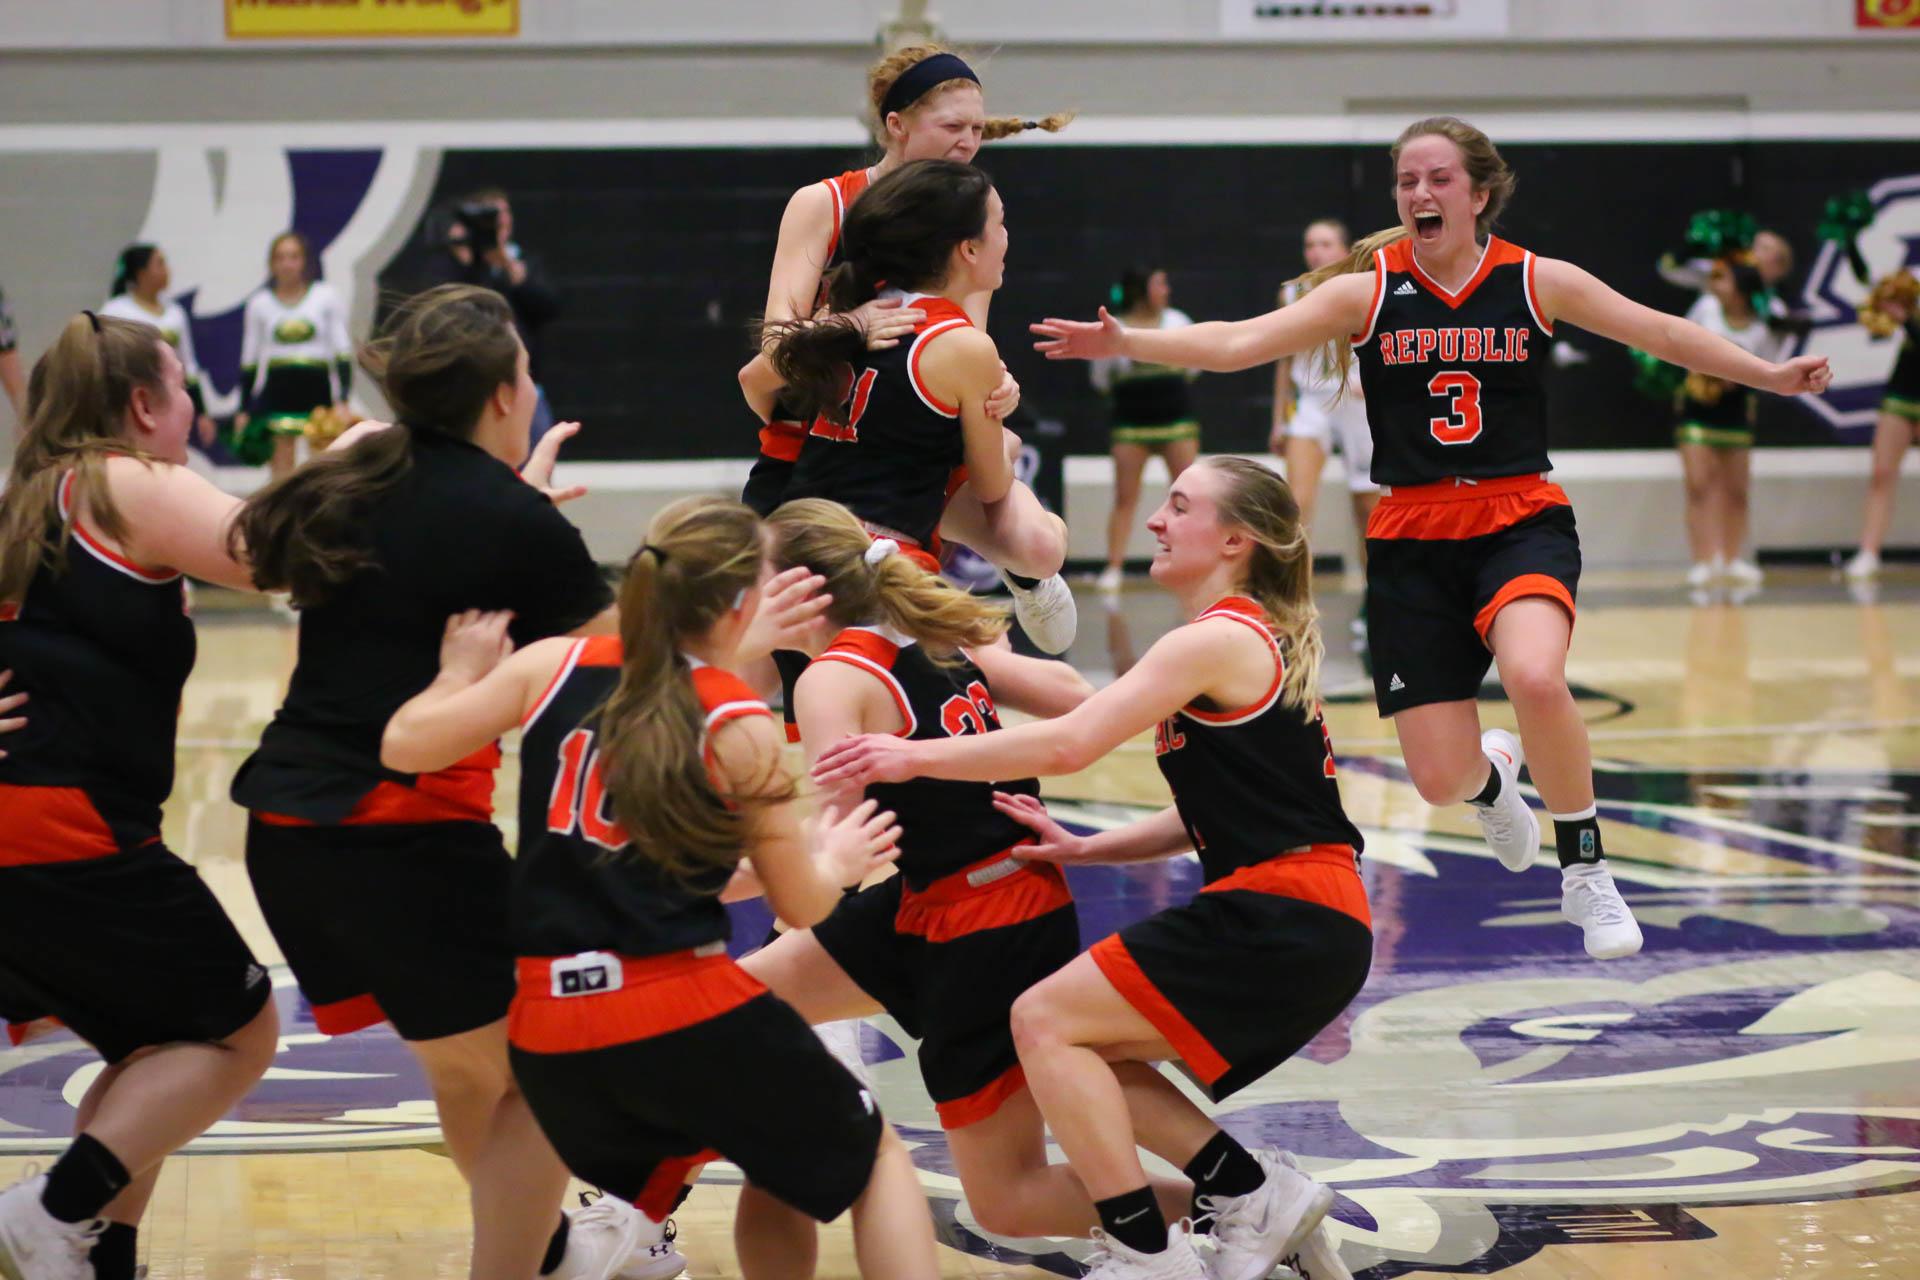 Video: Girls Basketball Highlights Vs Rock Bridge (Quarterfinals)